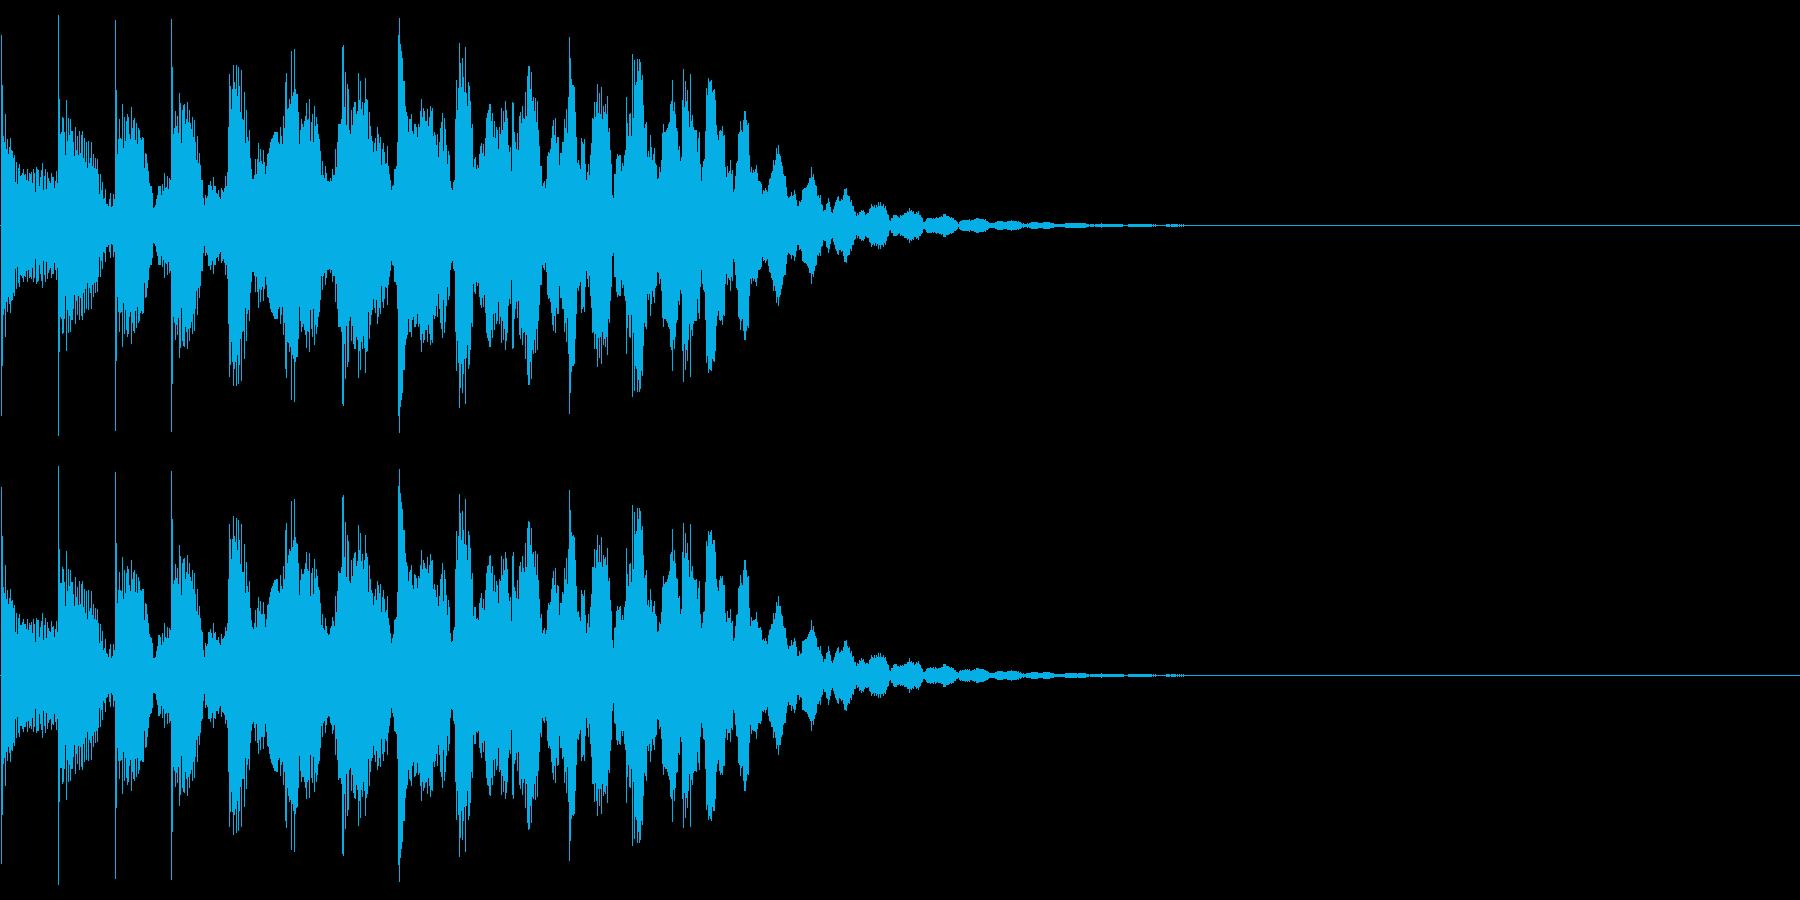 シンプルな効果音 マリンバ 半音階の再生済みの波形